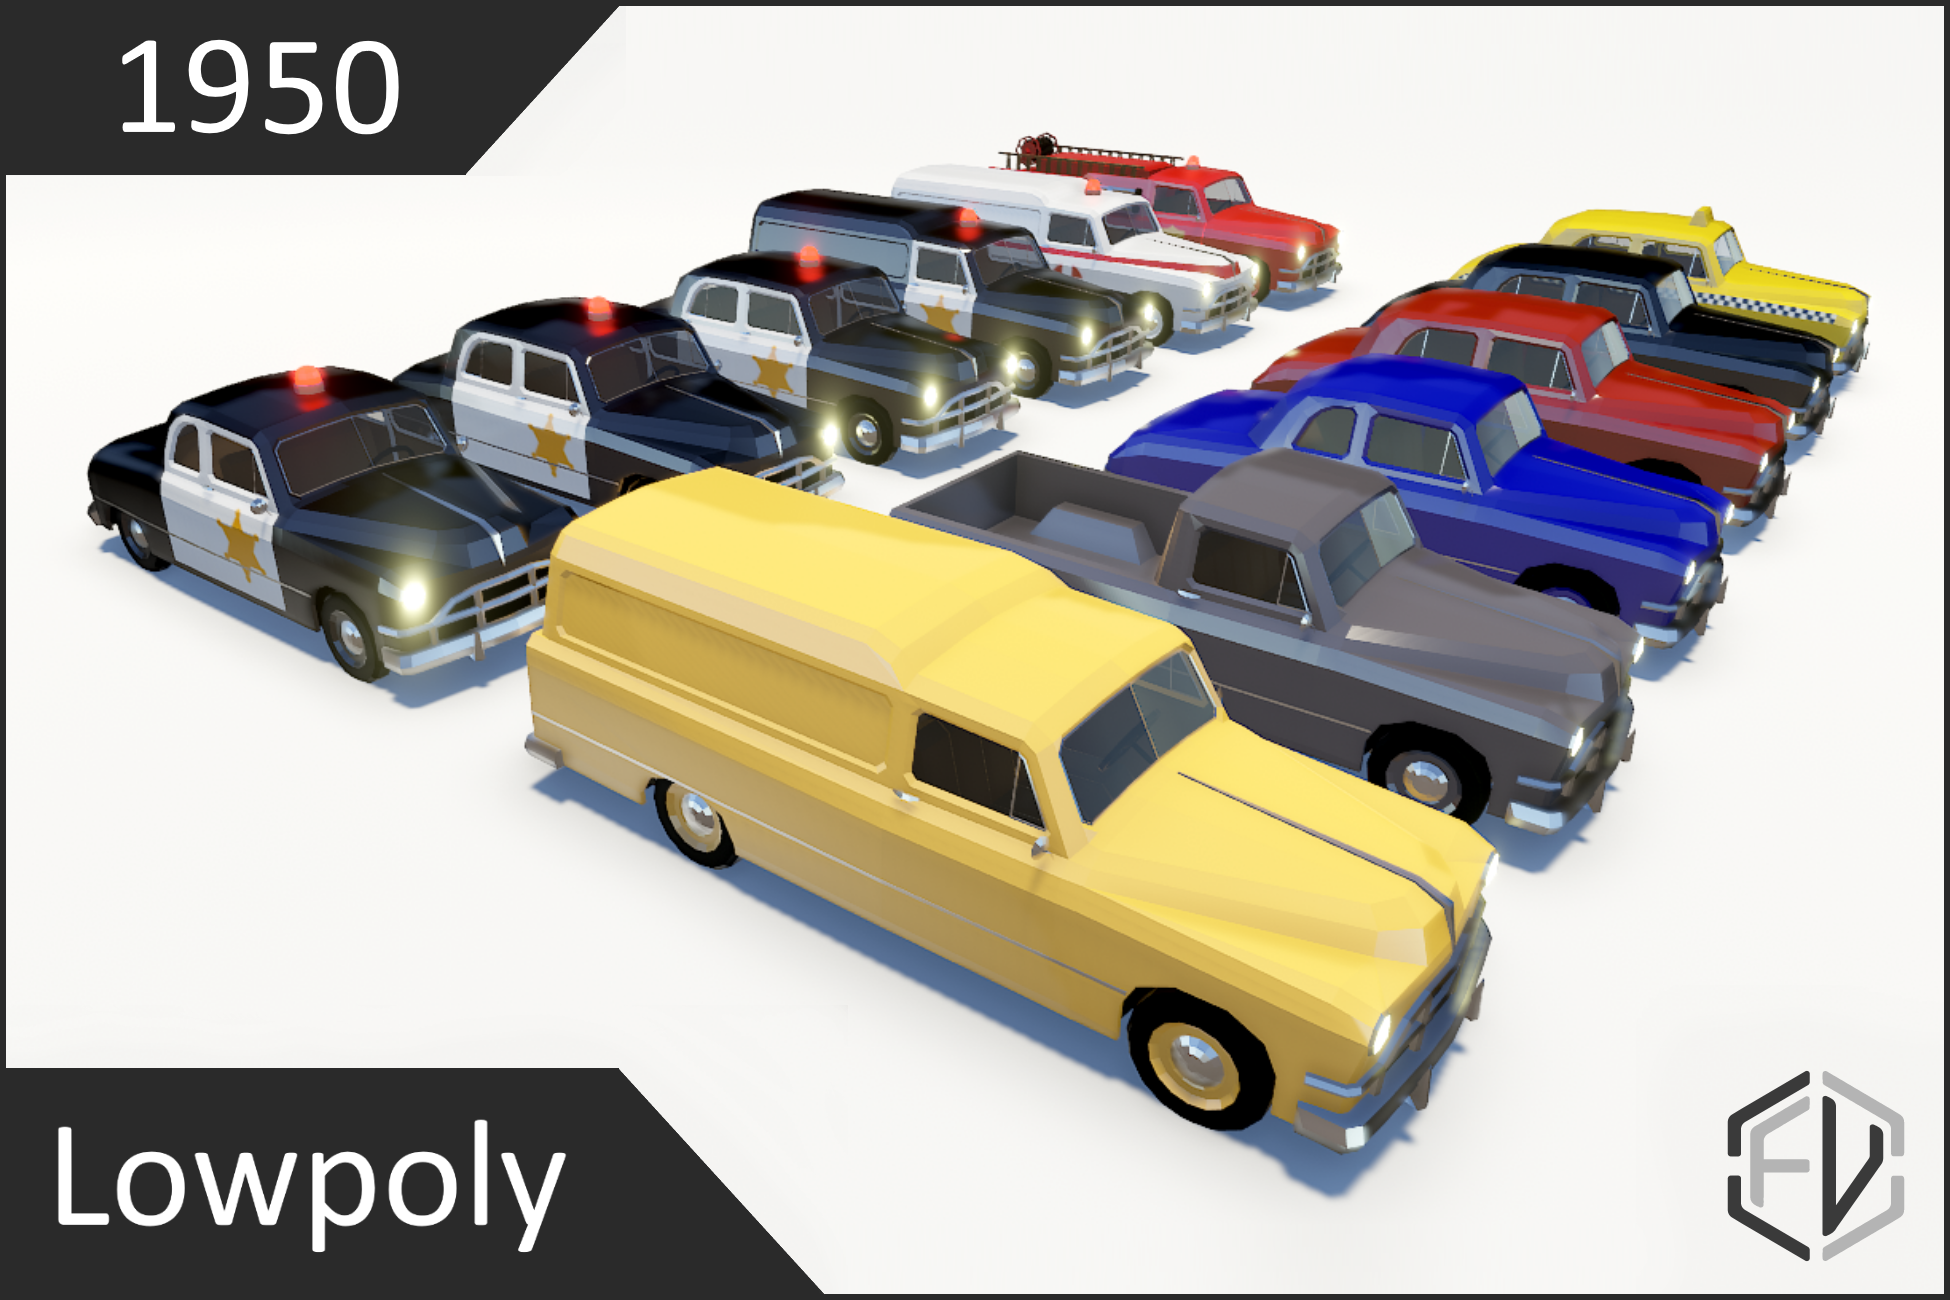 Lowpoly Vintage Car Pack 1950